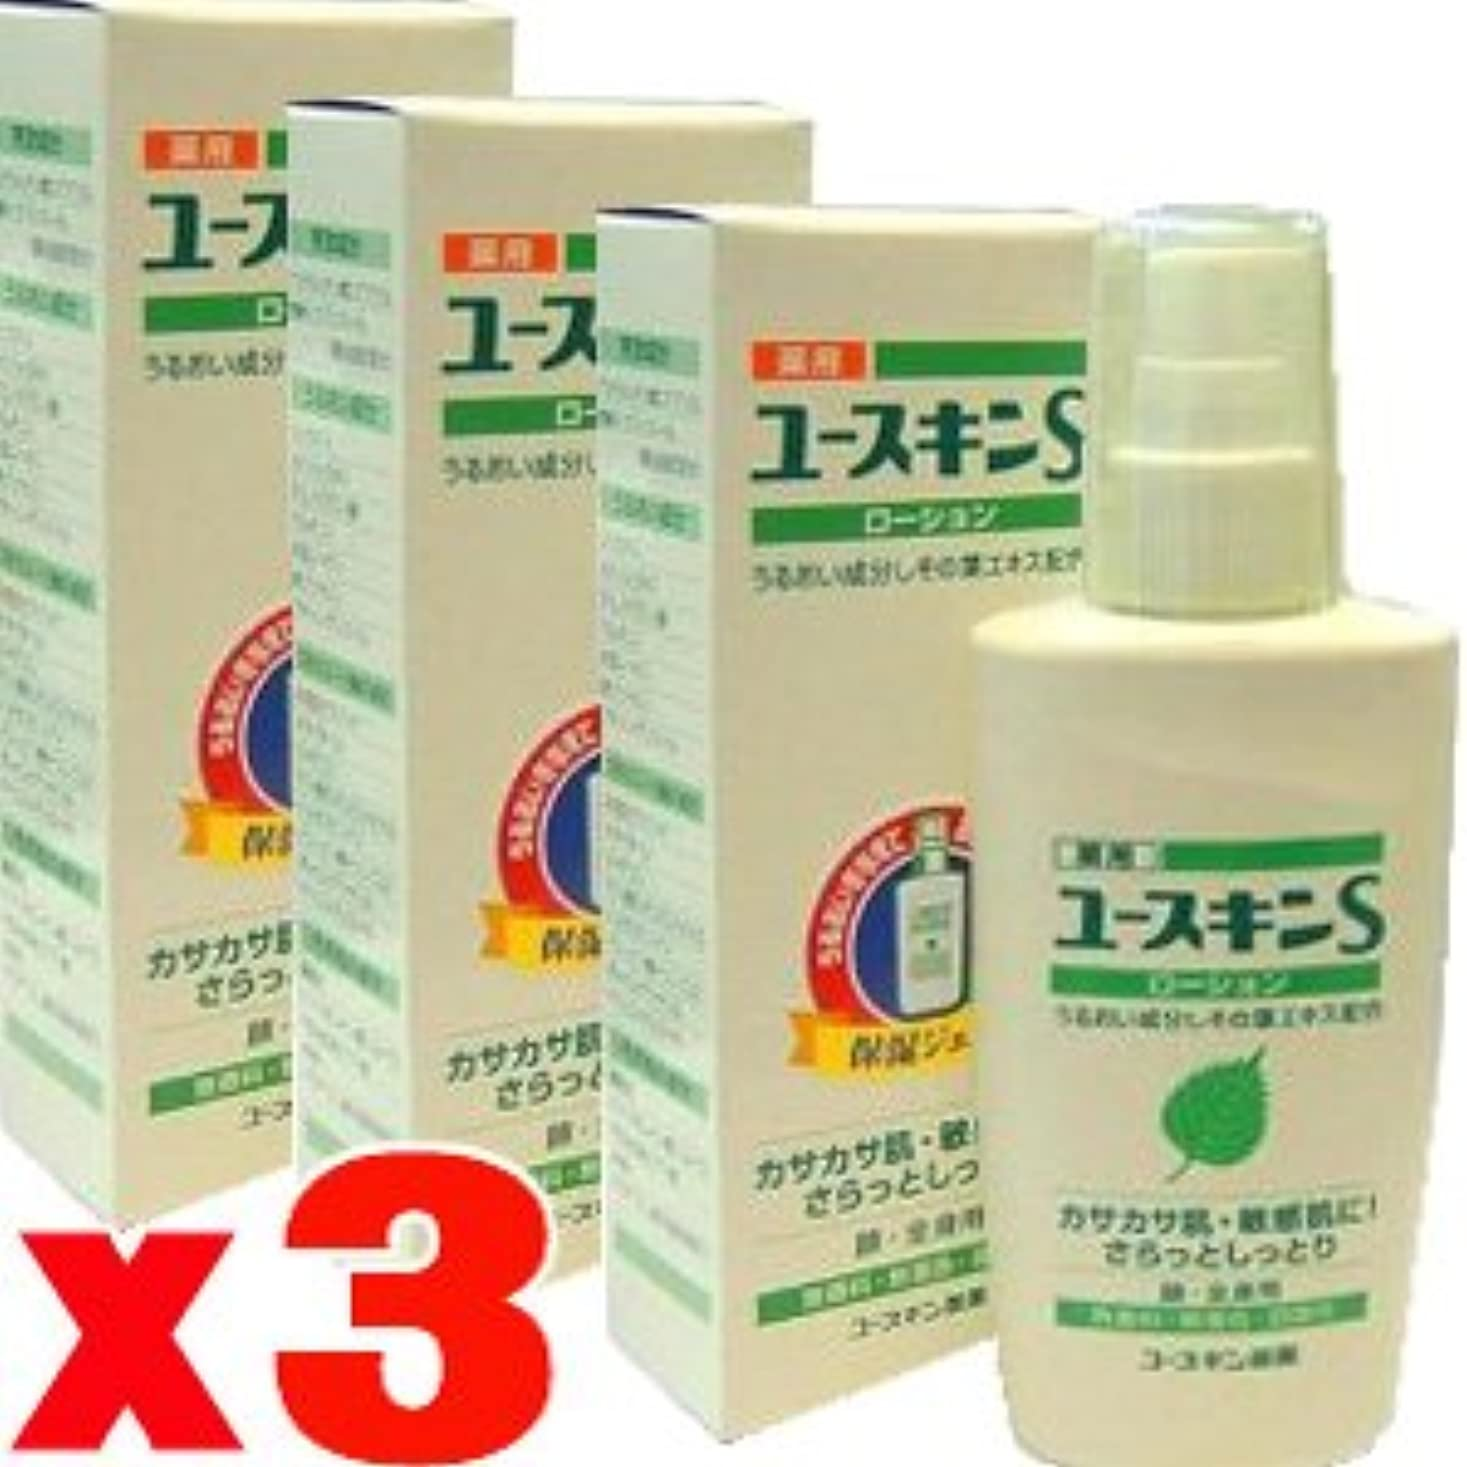 予約権限勃起【3個】 薬用 ユースキンSローション 150ml ×3個セット 4987353010312